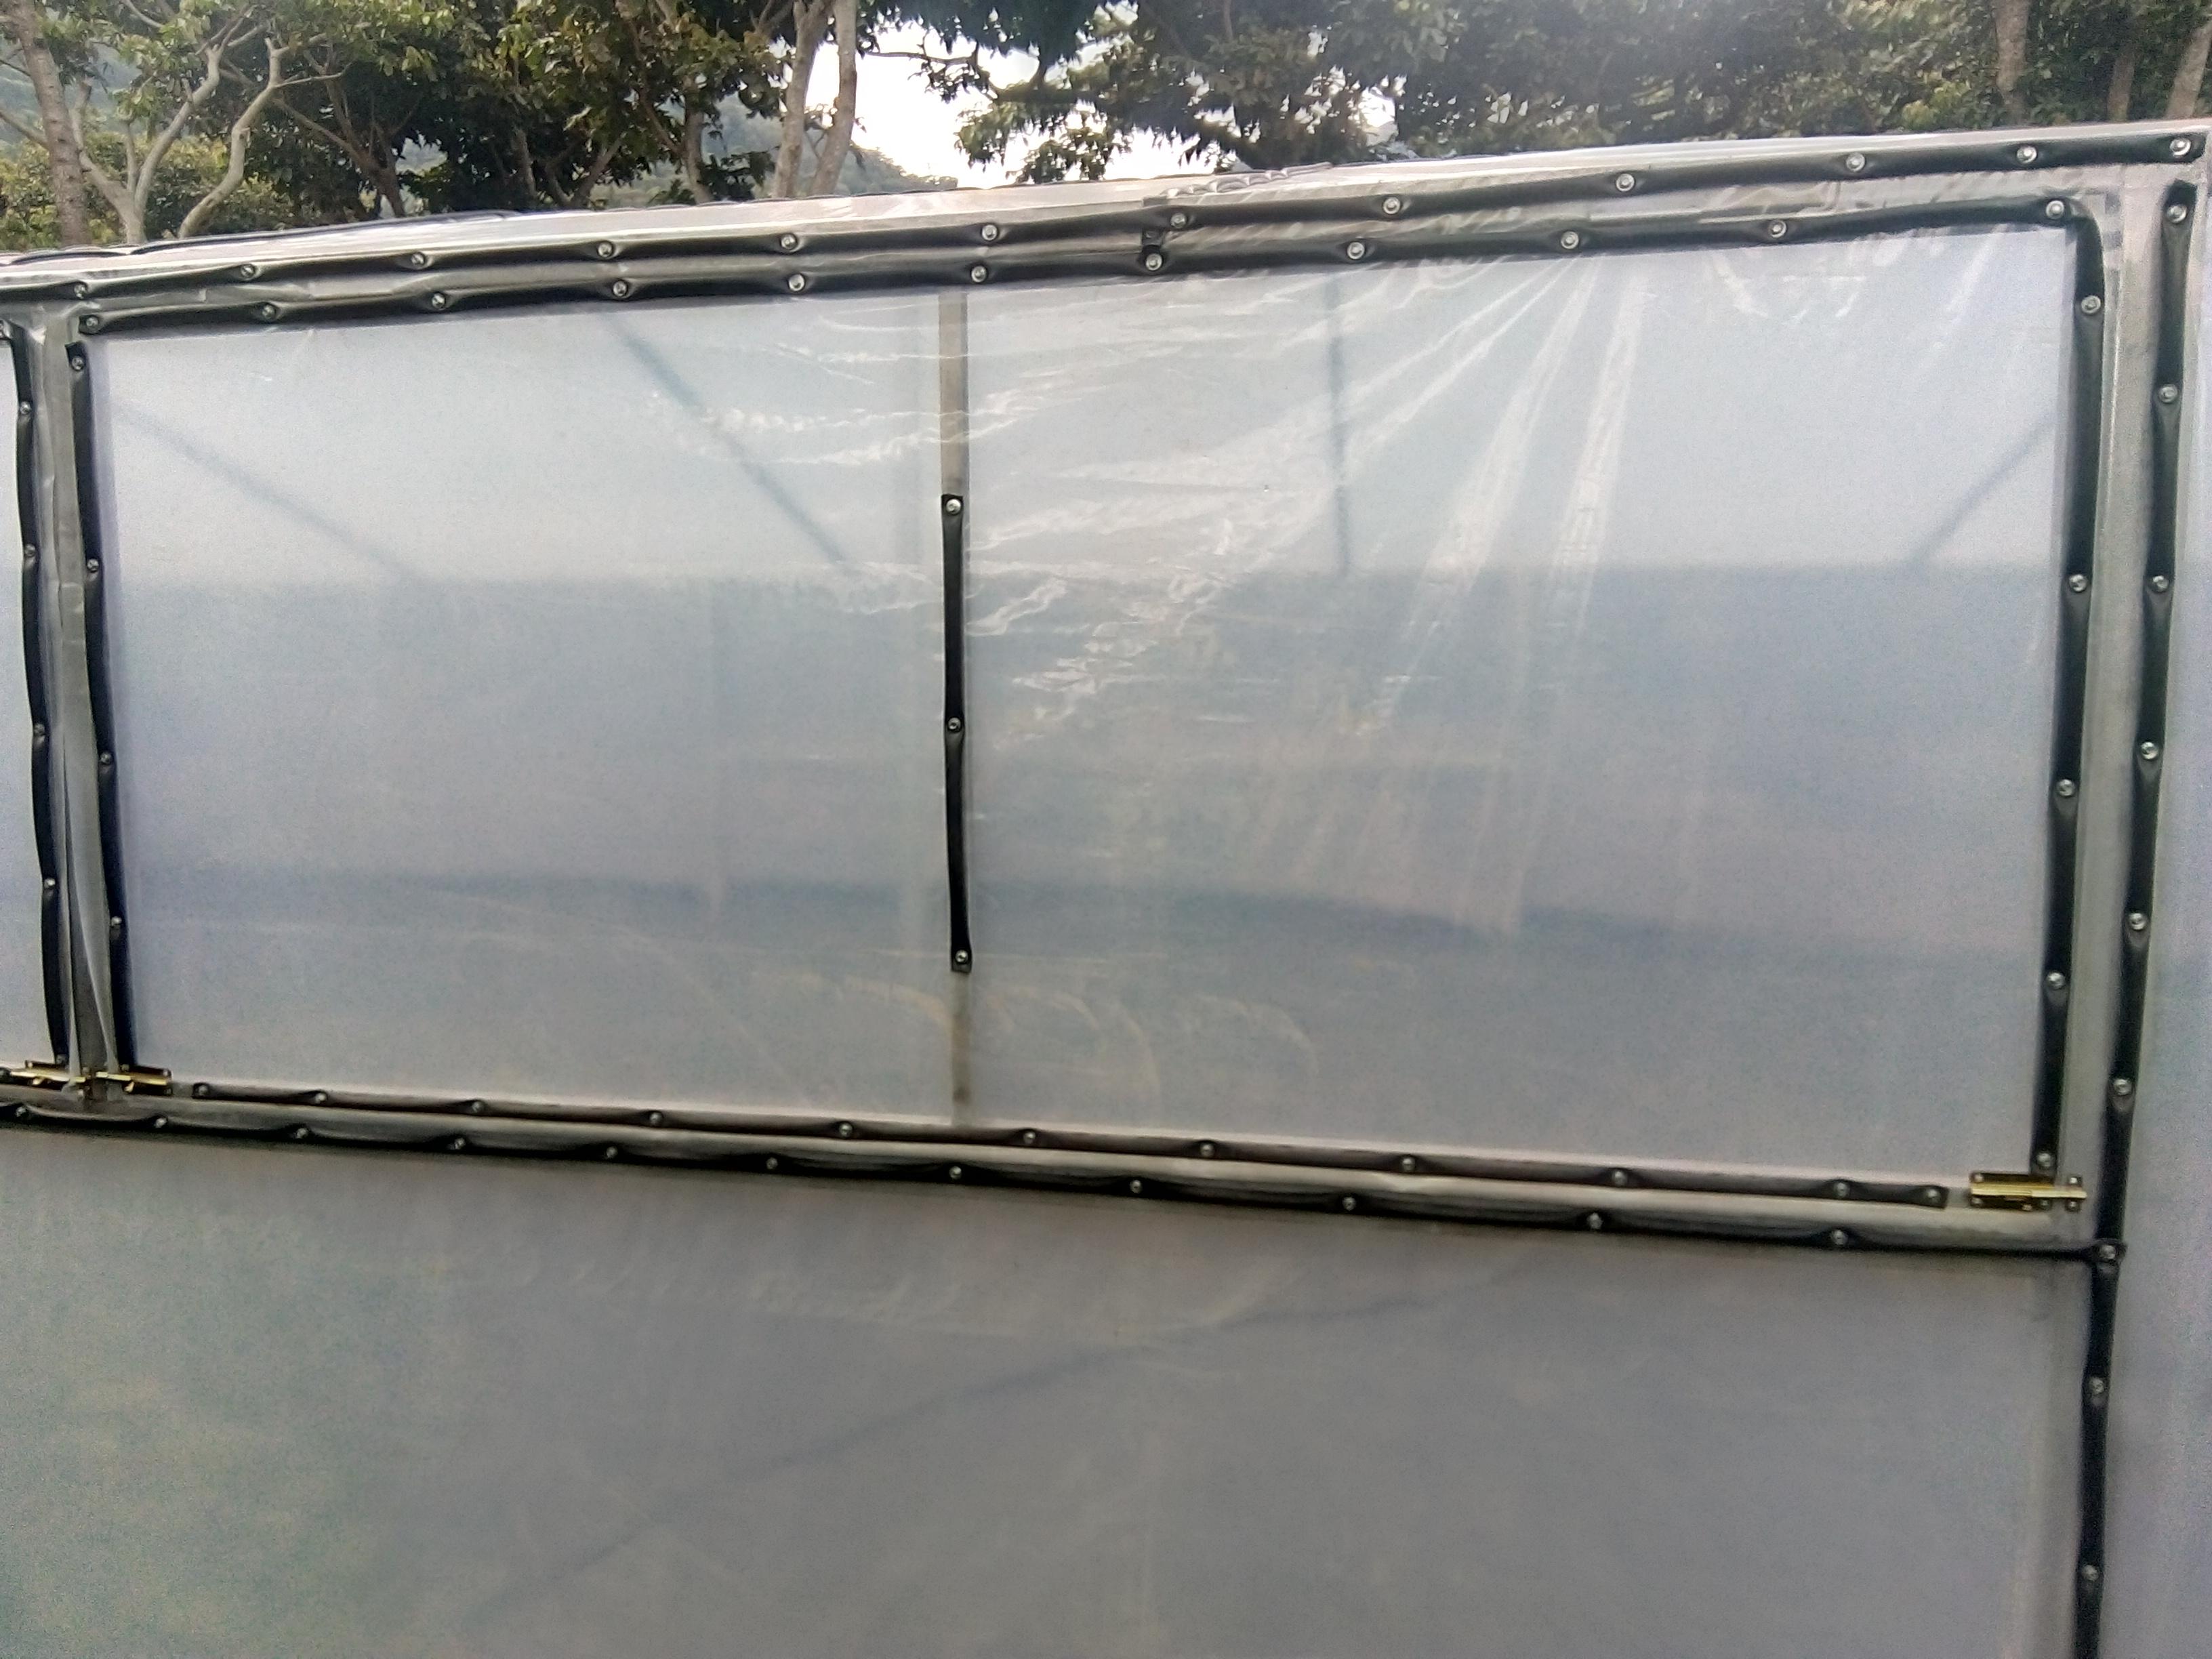 Ventana de ventilacion en invernadero de secado de cafe